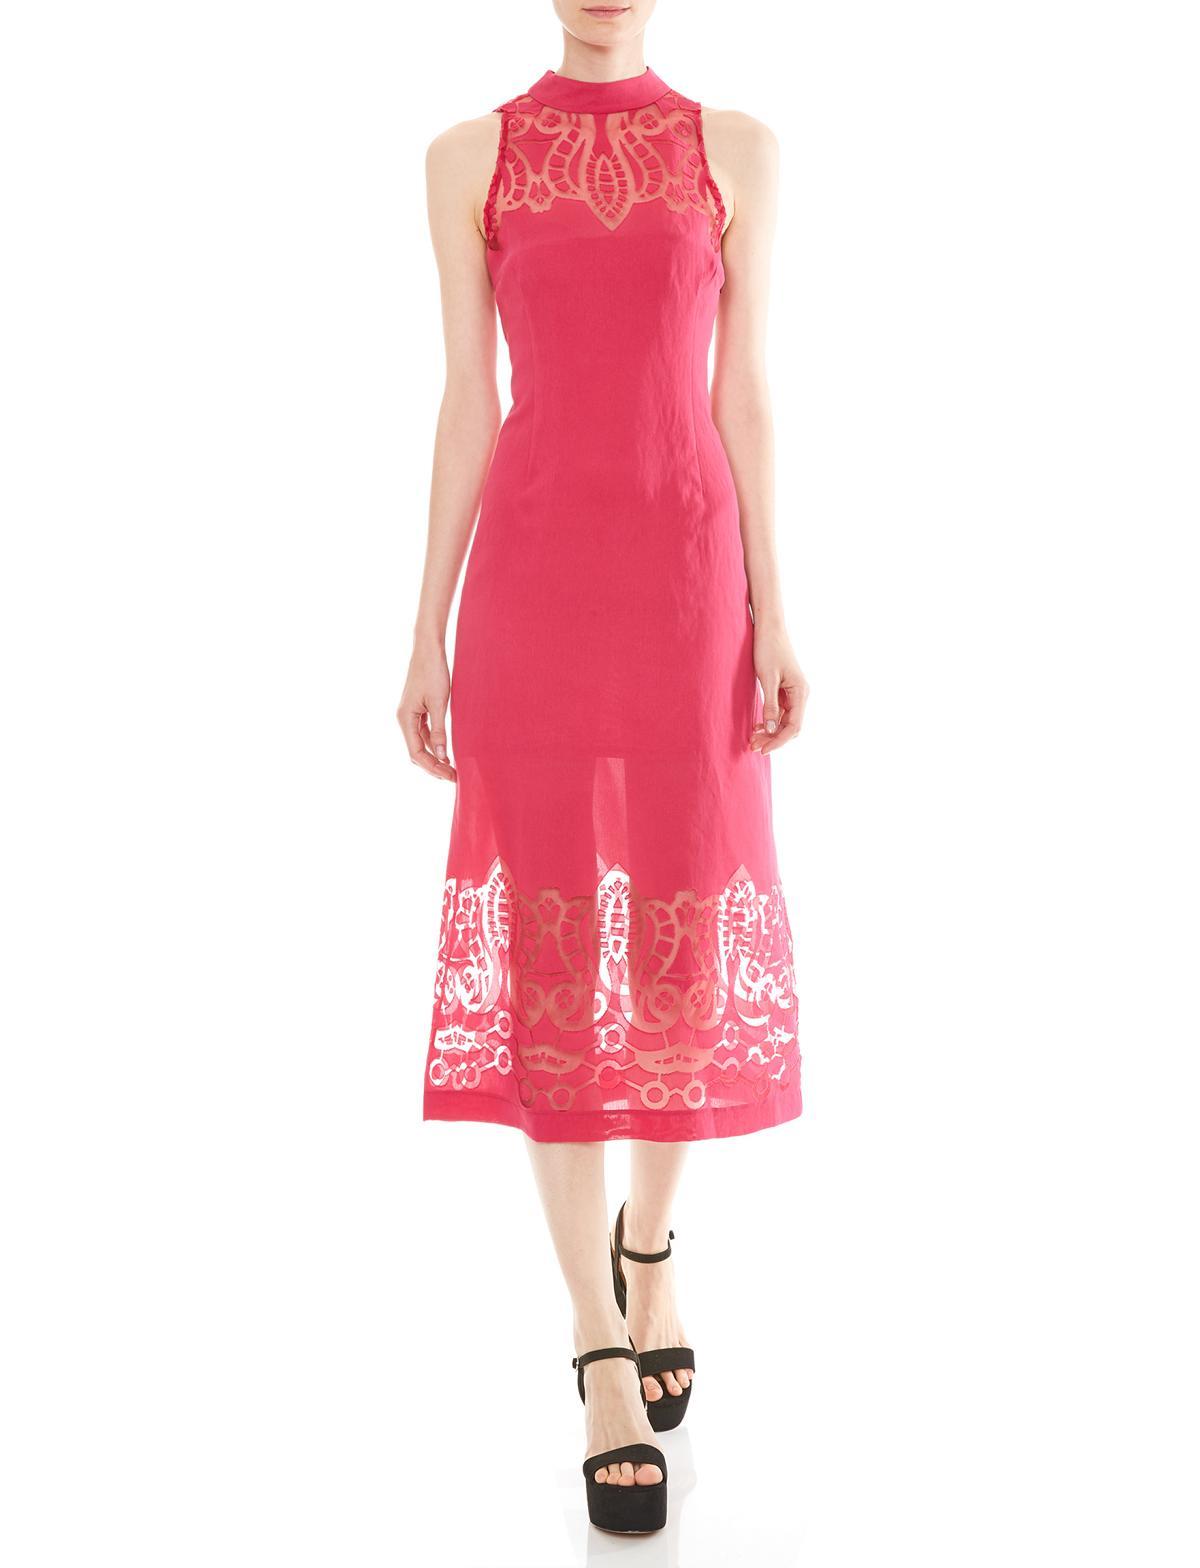 Vorderansicht von Ana Alcazar Midi Kleid Massoles  angezogen an Model